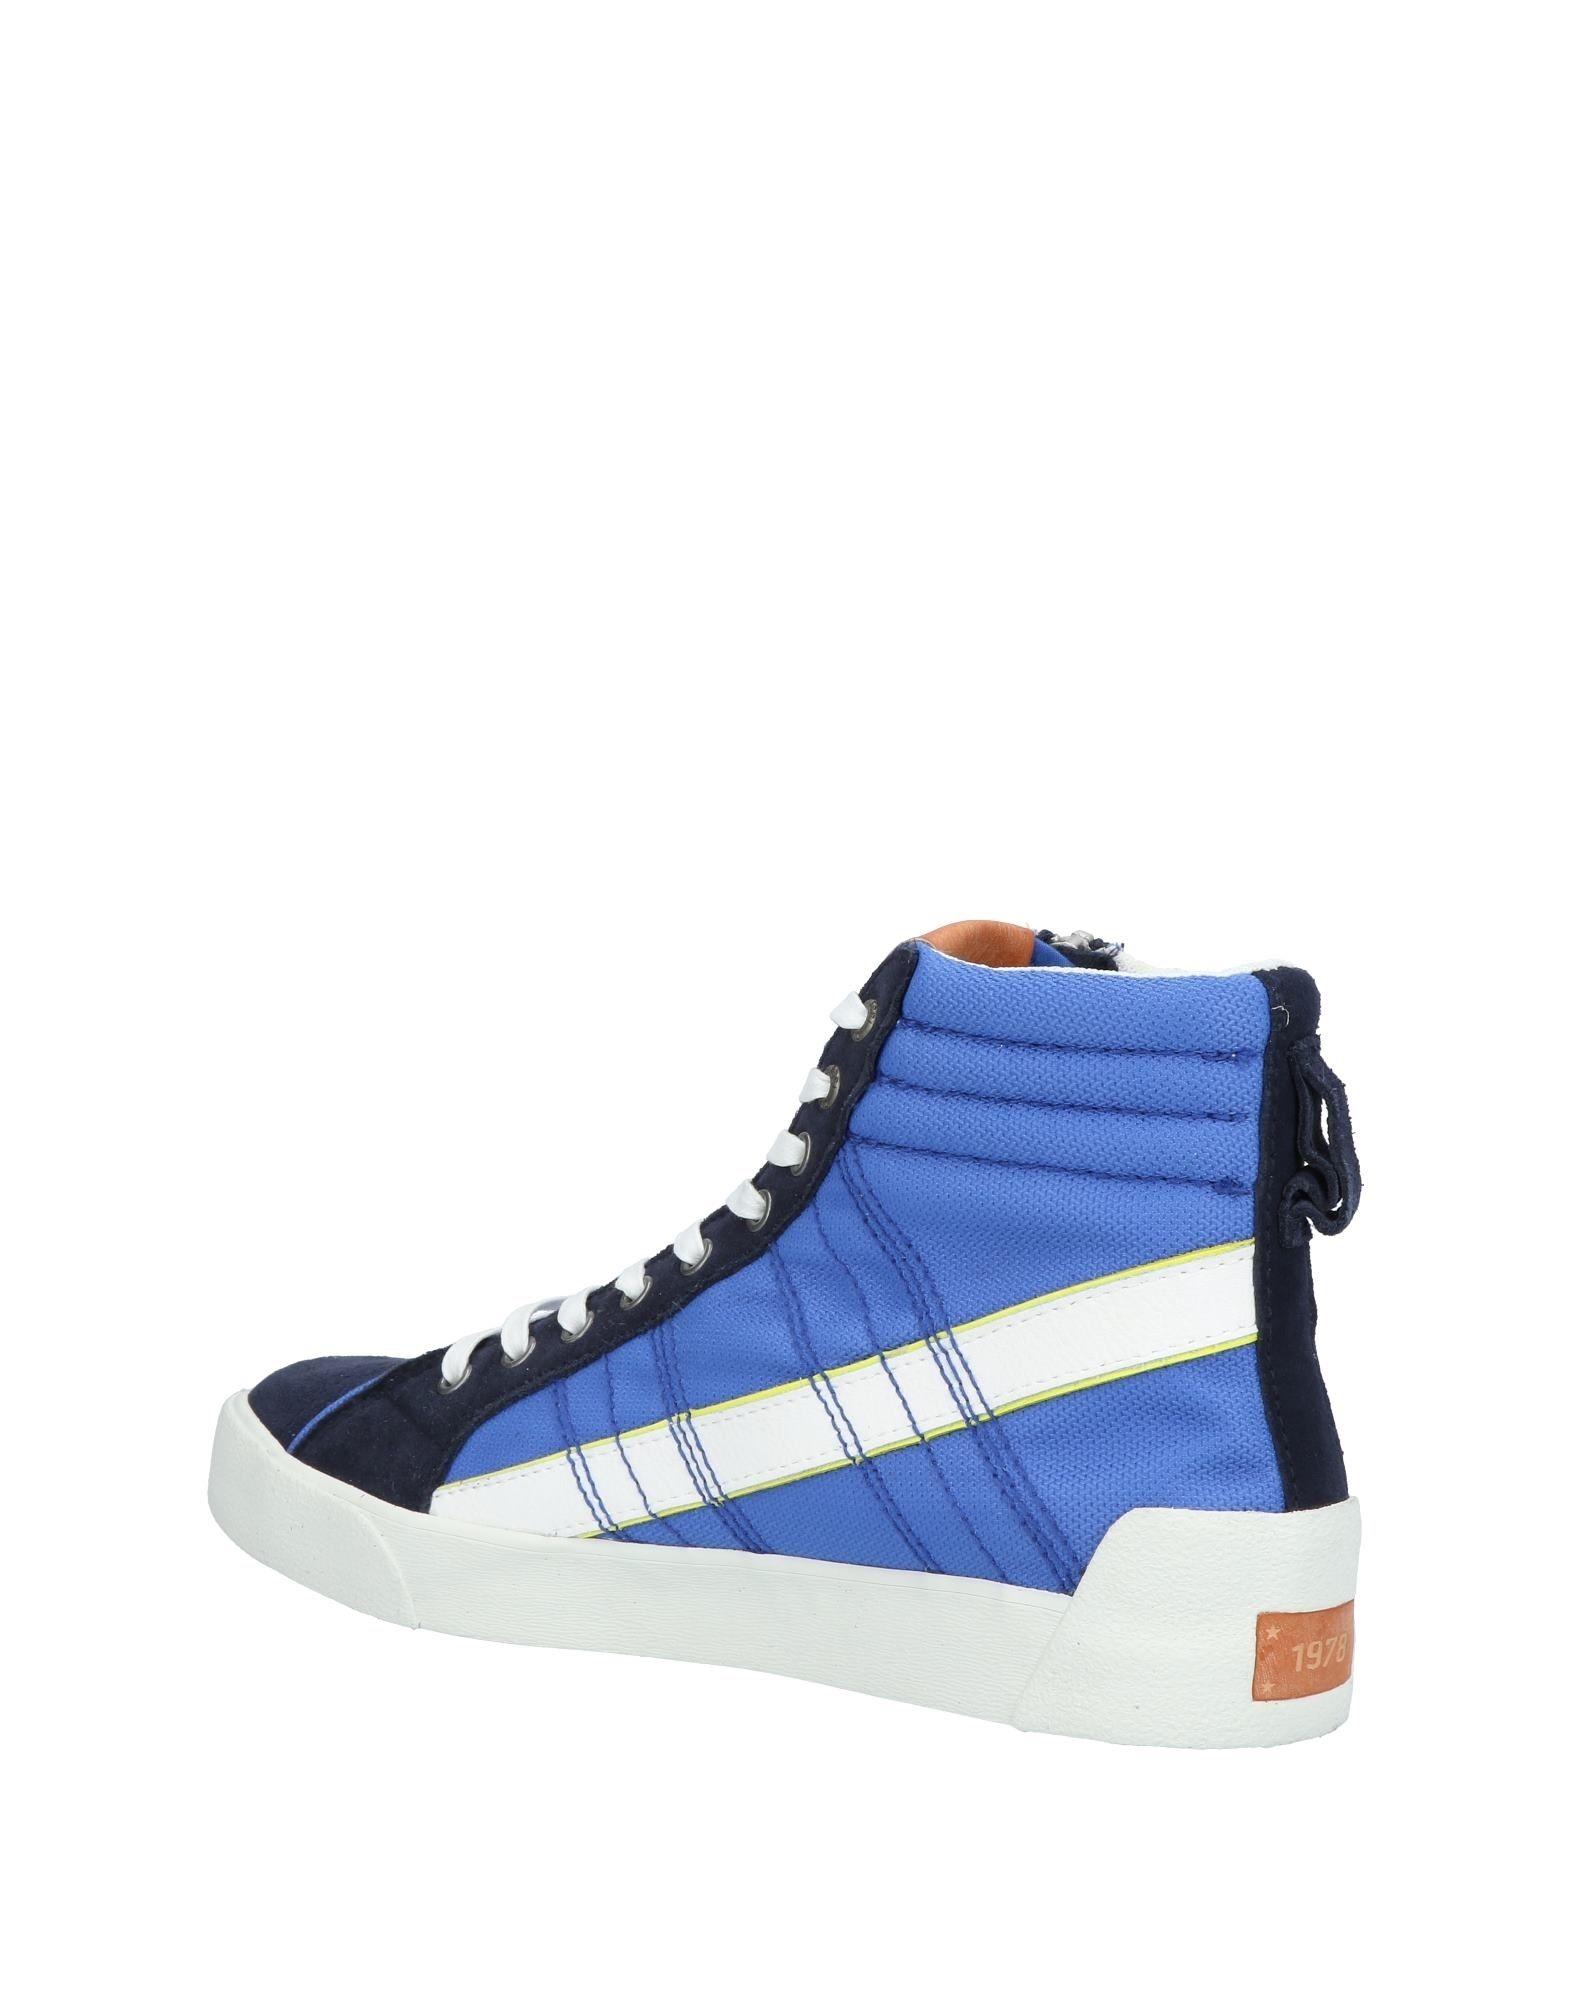 Rabatt echte Schuhe Herren Diesel Sneakers Herren Schuhe  11414691SX ea02fb